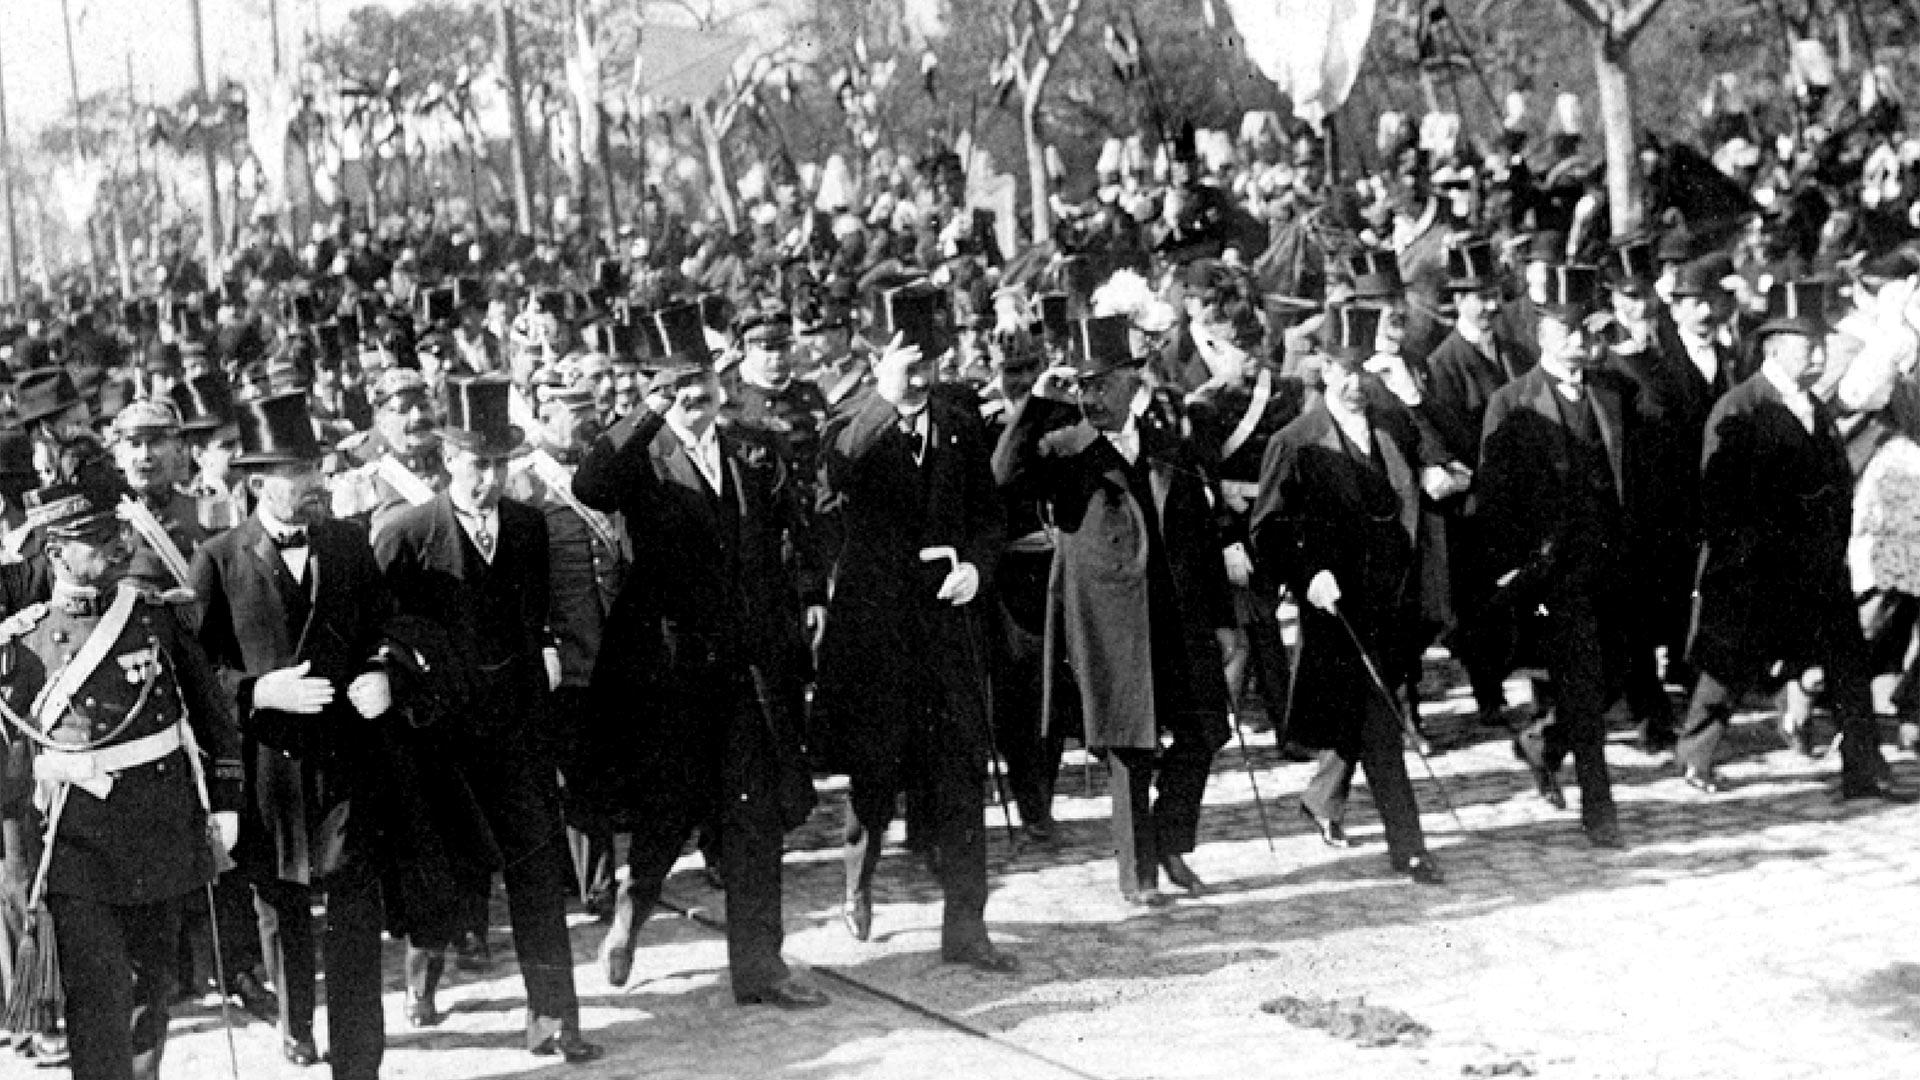 Victorino de la Plaza ysus ministros encabezaron el desfile por Avenida de Mayo y se dirigieron a la Catedral metropolitana donde se realizó el Tedeum.